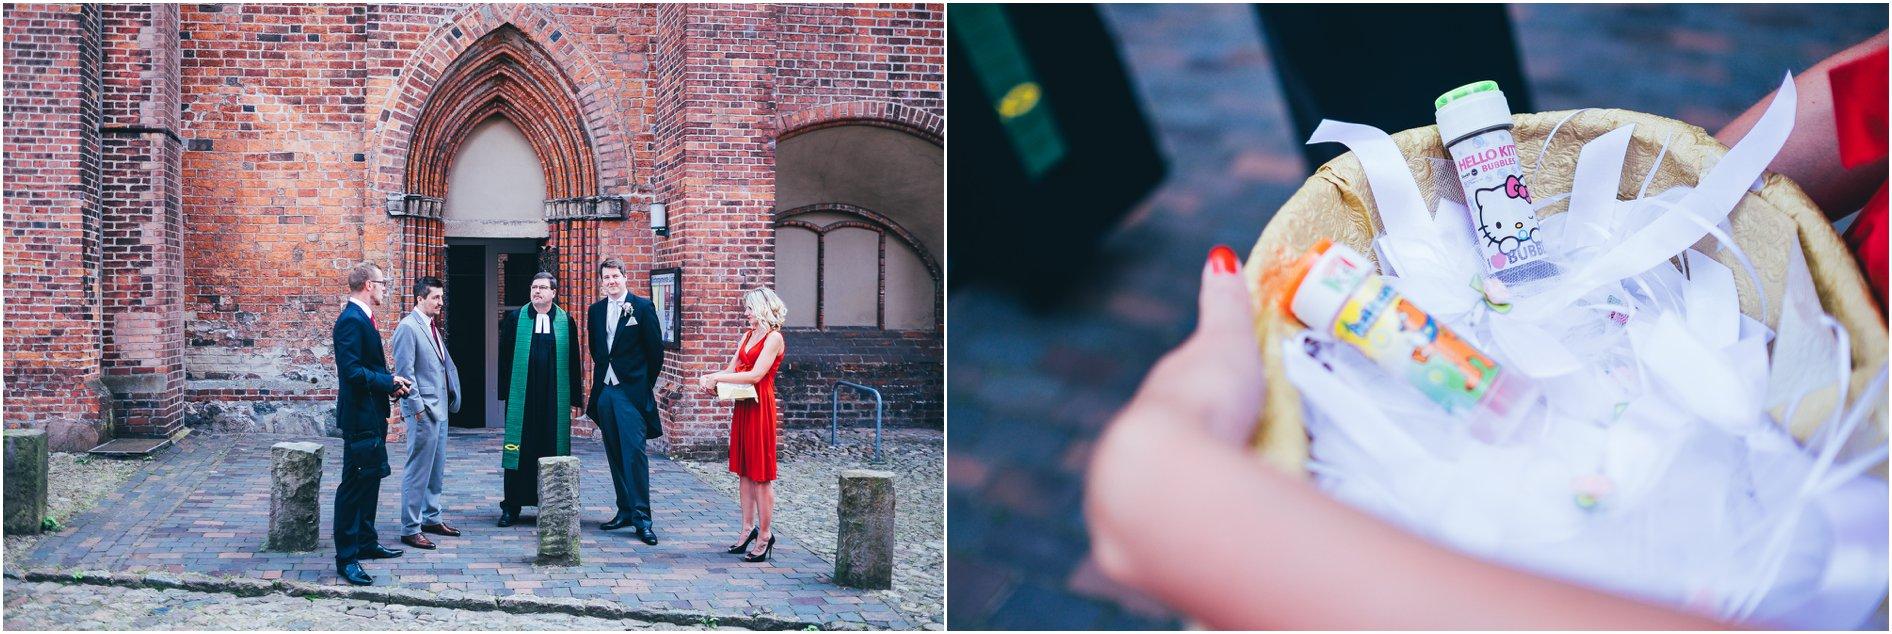 2014-10-13_0075 Jenny & Matthias - Hochzeitsfotograf auf Gut Bardenhagen